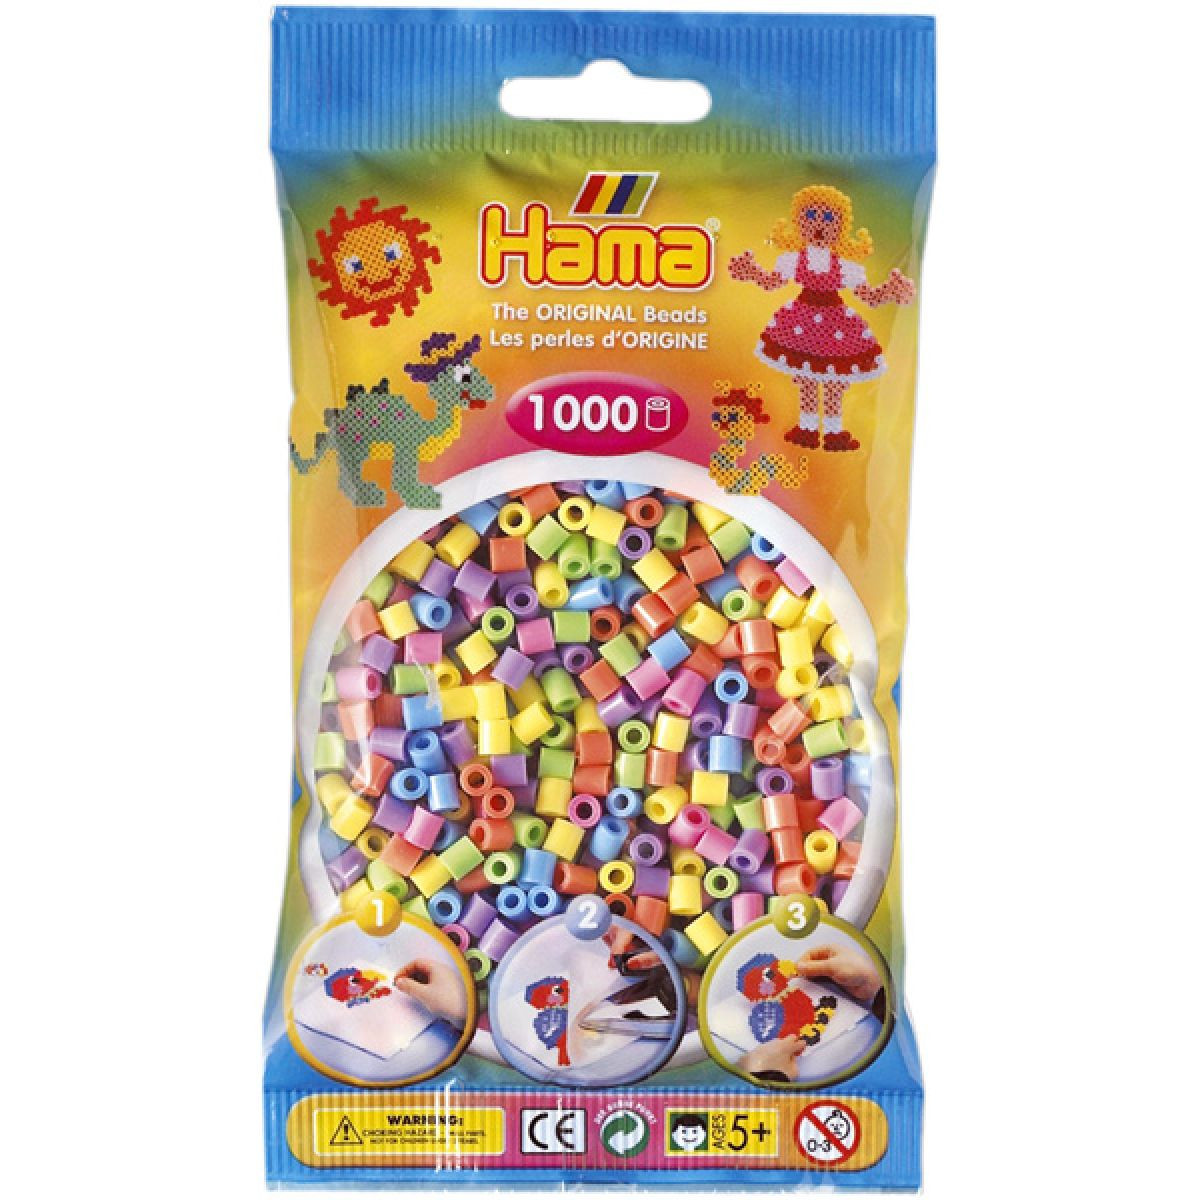 Hama H207-50 Zažehlovací korálky Midi mix 1000 ks HAMA